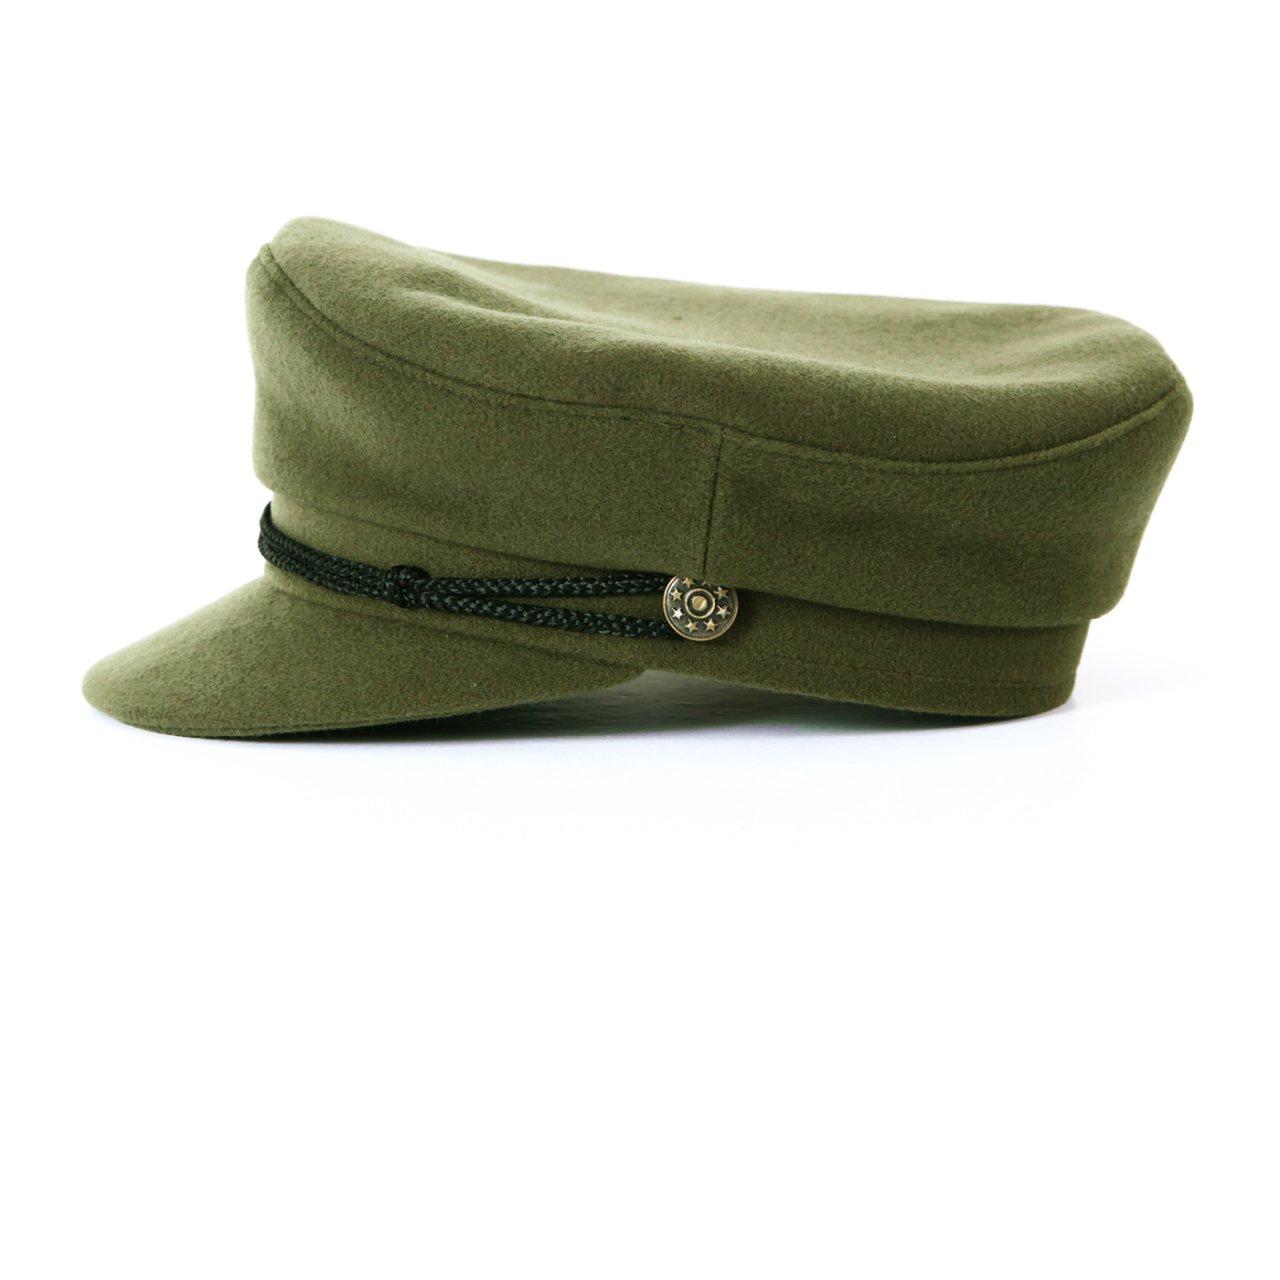 Kap-in - Haki Kasket Kasket Şapka 40,00 TL